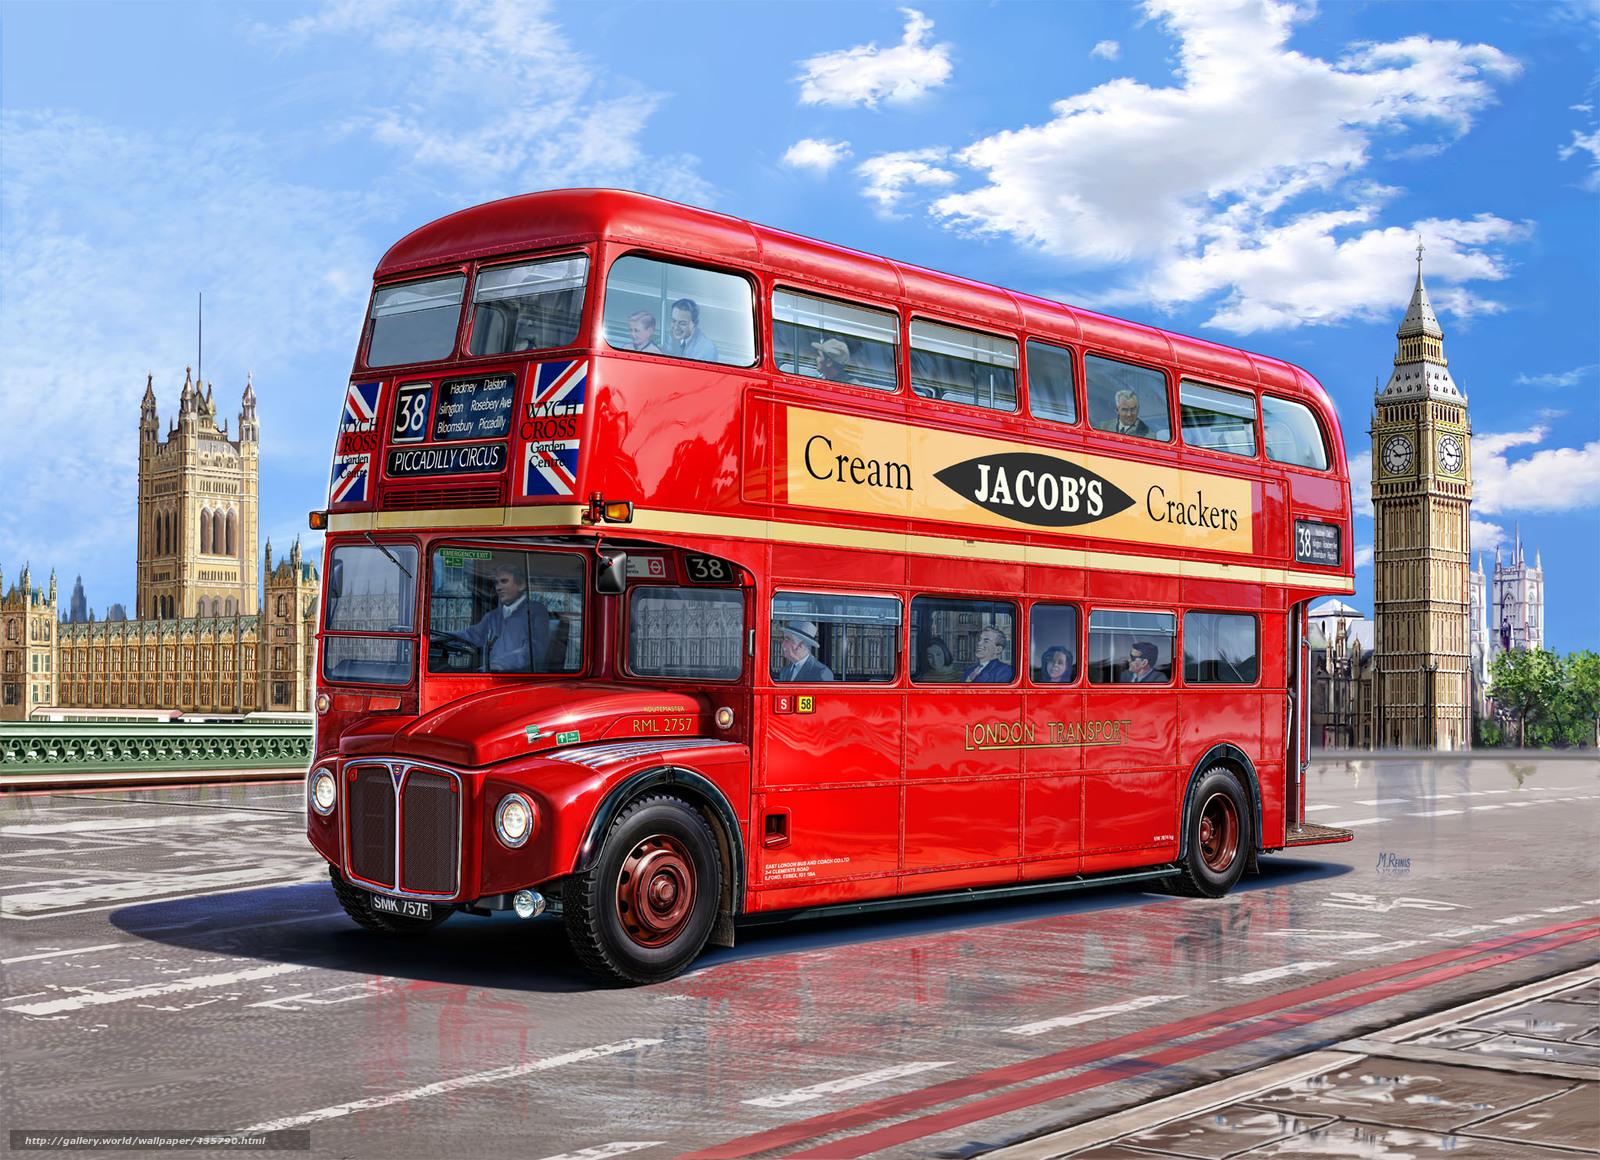 Deux tages, de londres, rouge, bus, dessin, palais de westminster, big